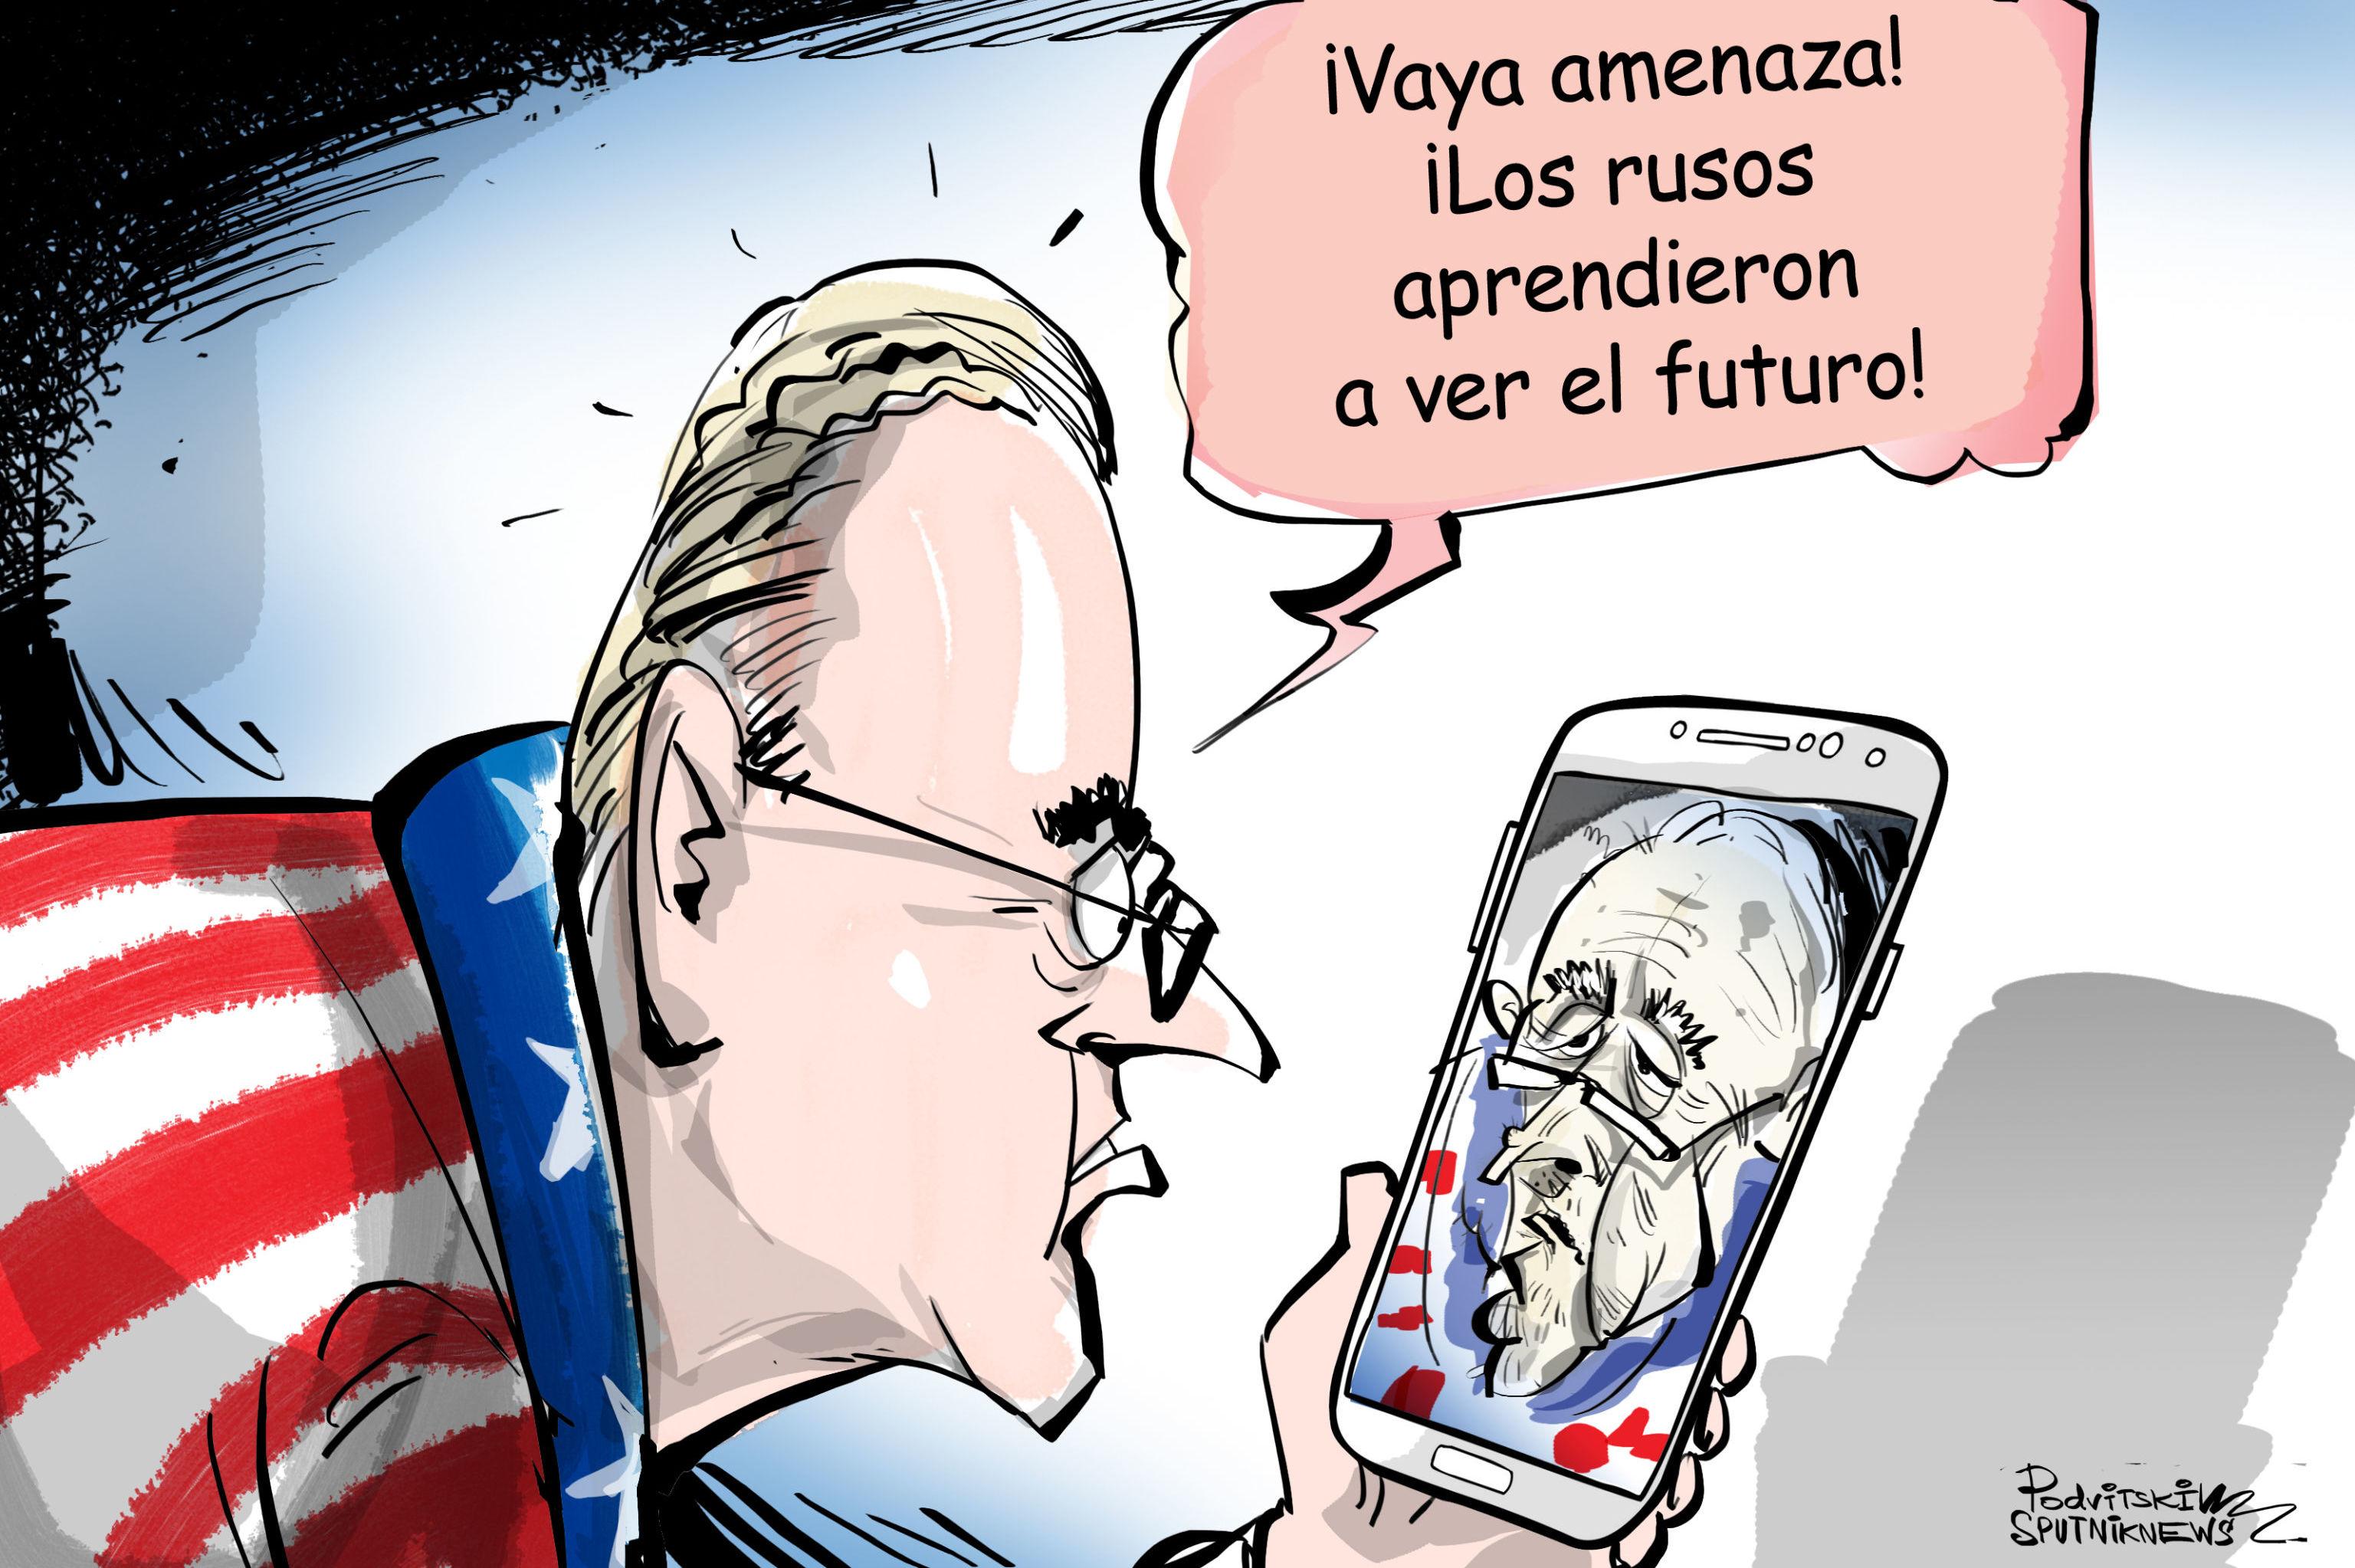 La clarividencia rusa amenaza la seguridad de EEUU